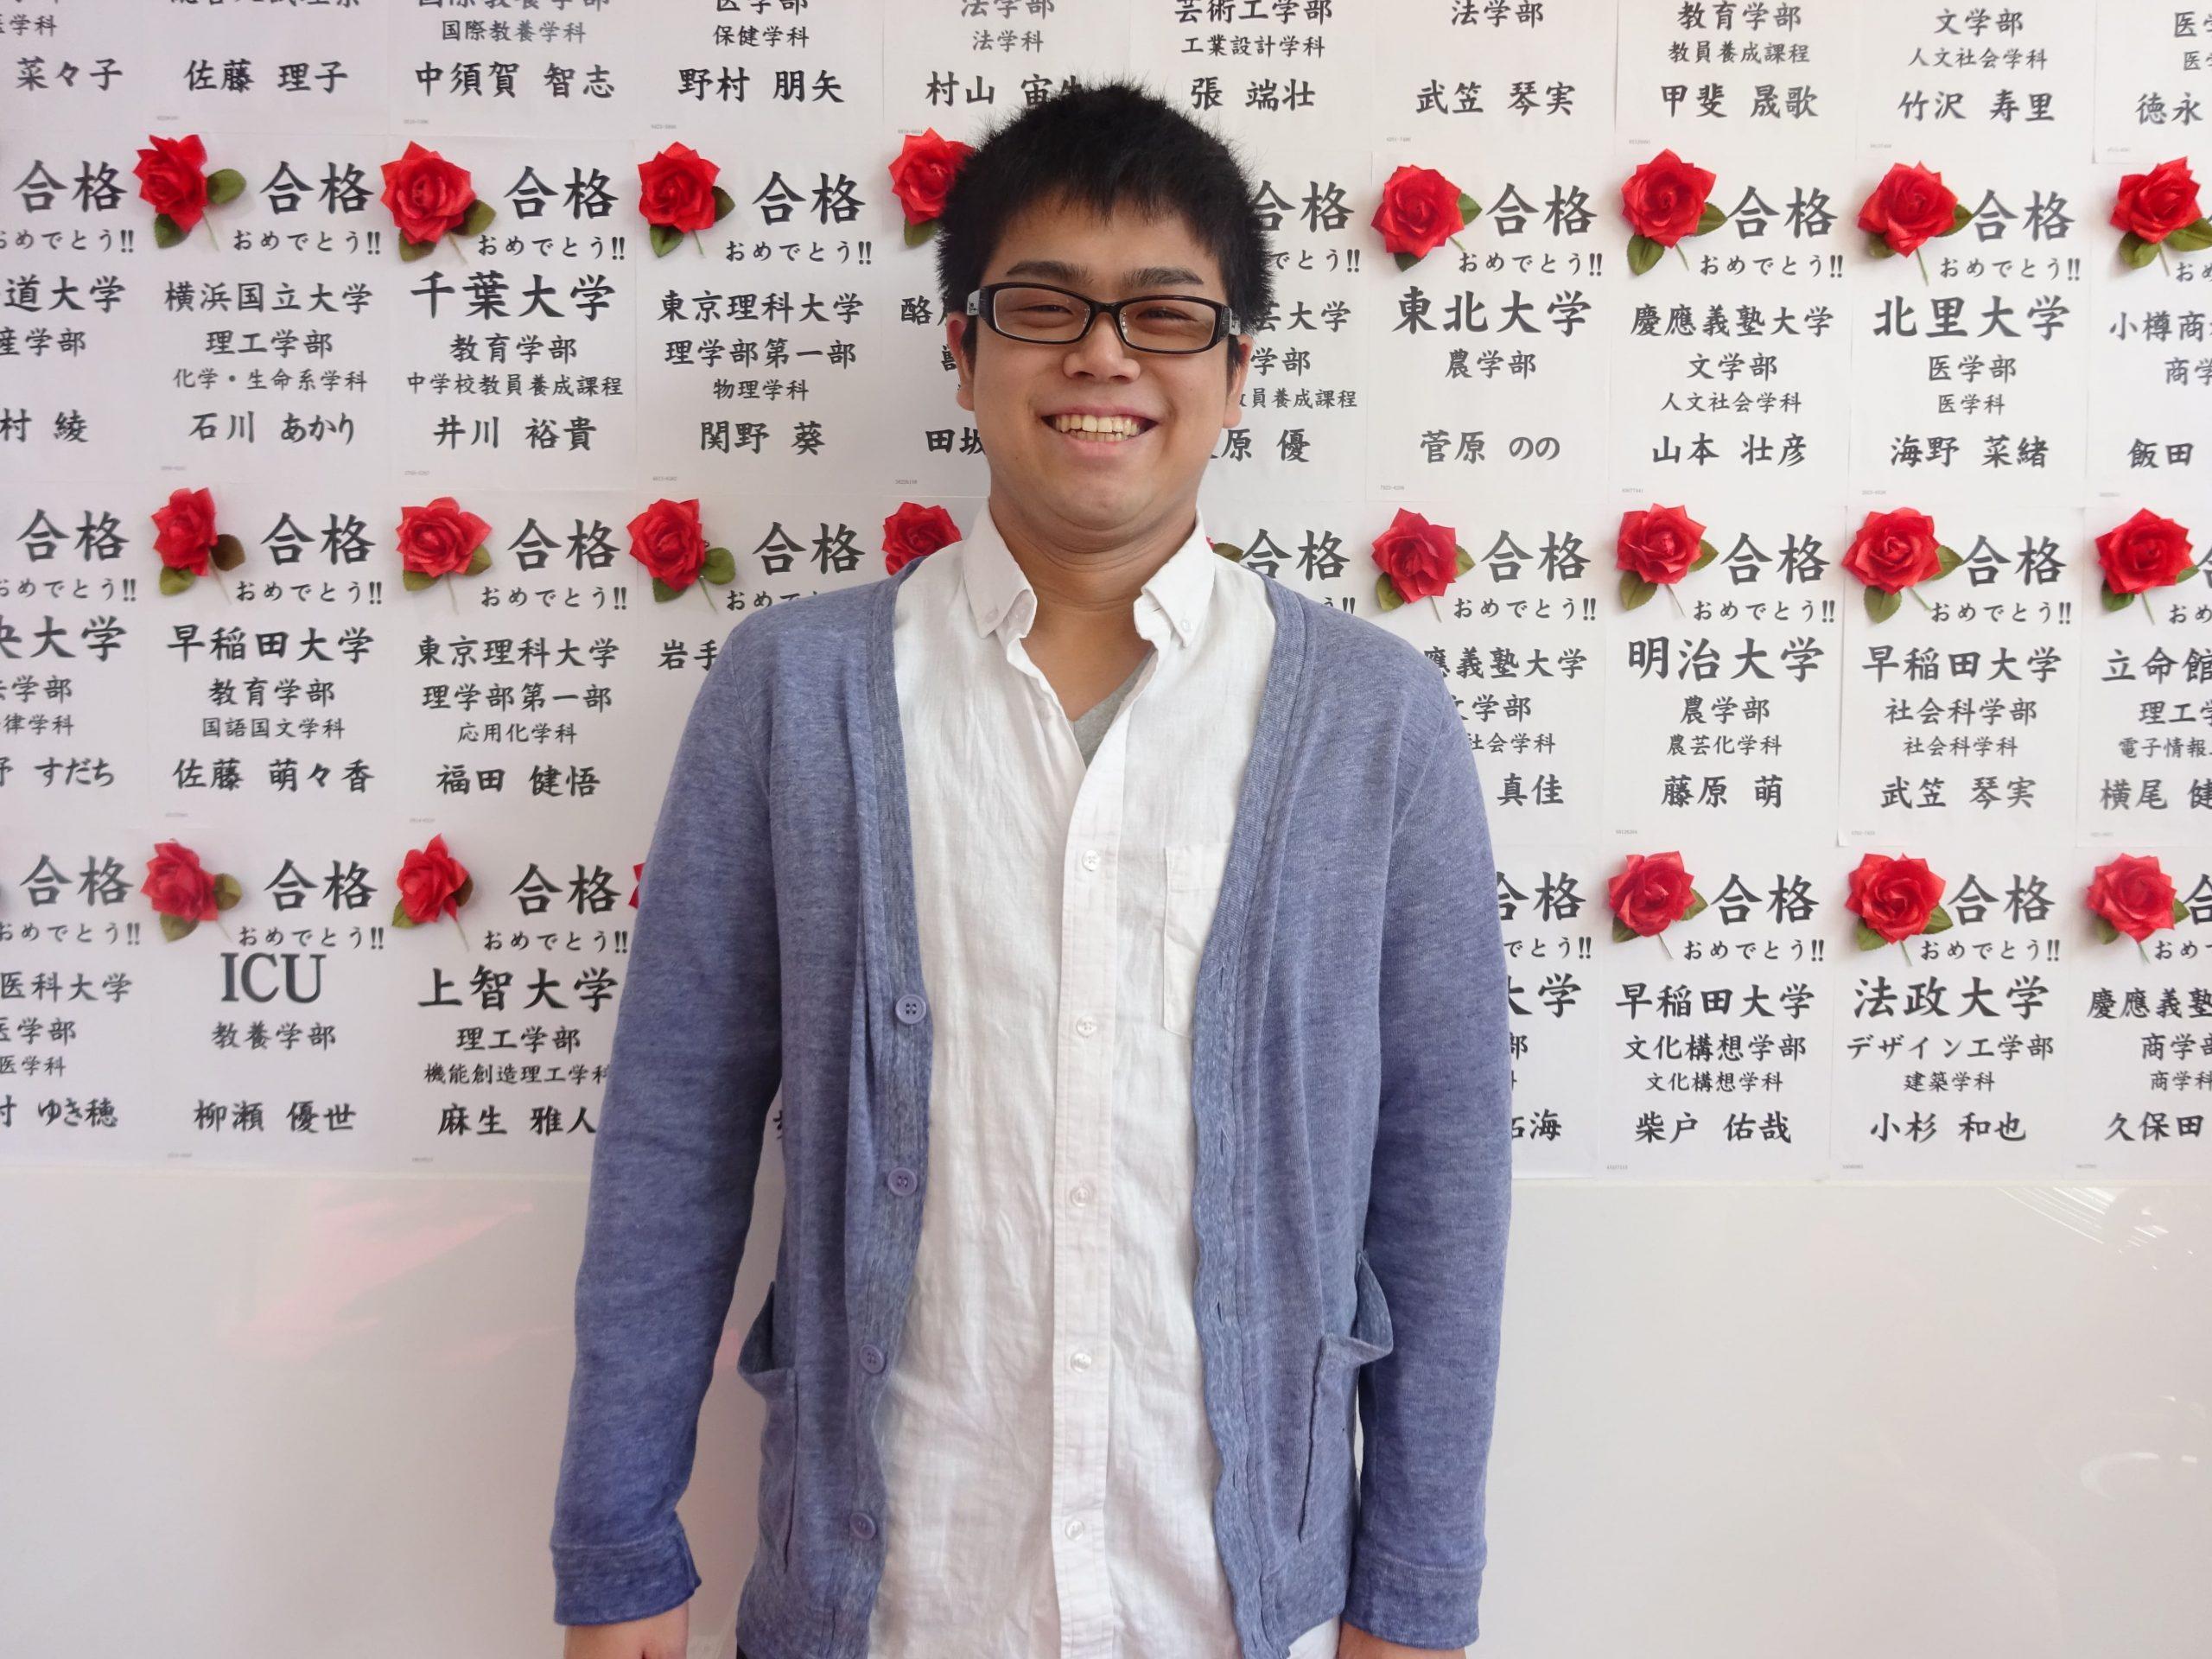 札幌医科大学合格者1